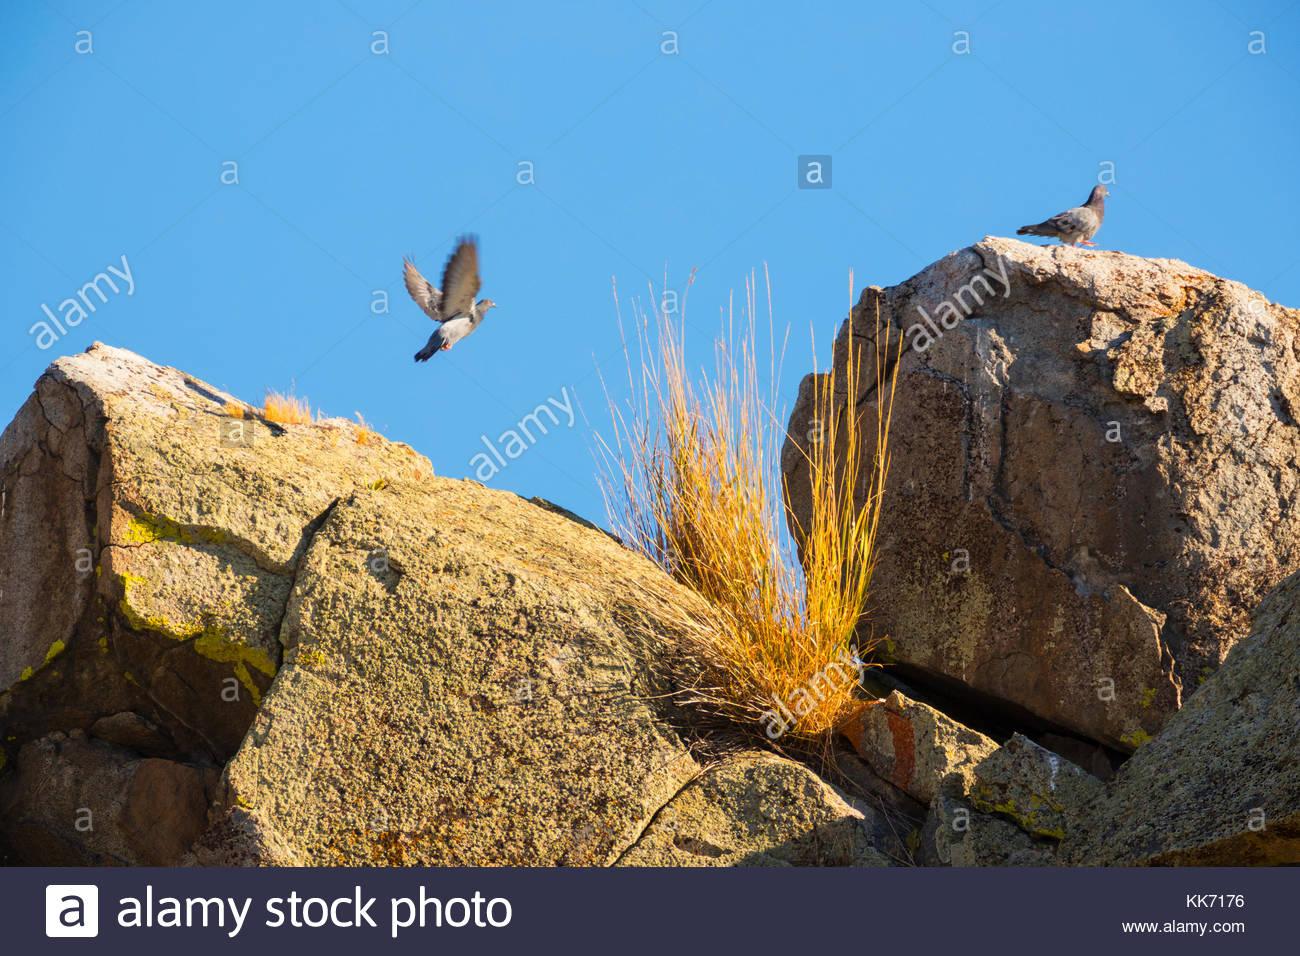 Dos palomas de roca (Columbia livia) se reúnen en la cima de una roca, aflorantes en la cuenca de Mormón Imagen De Stock